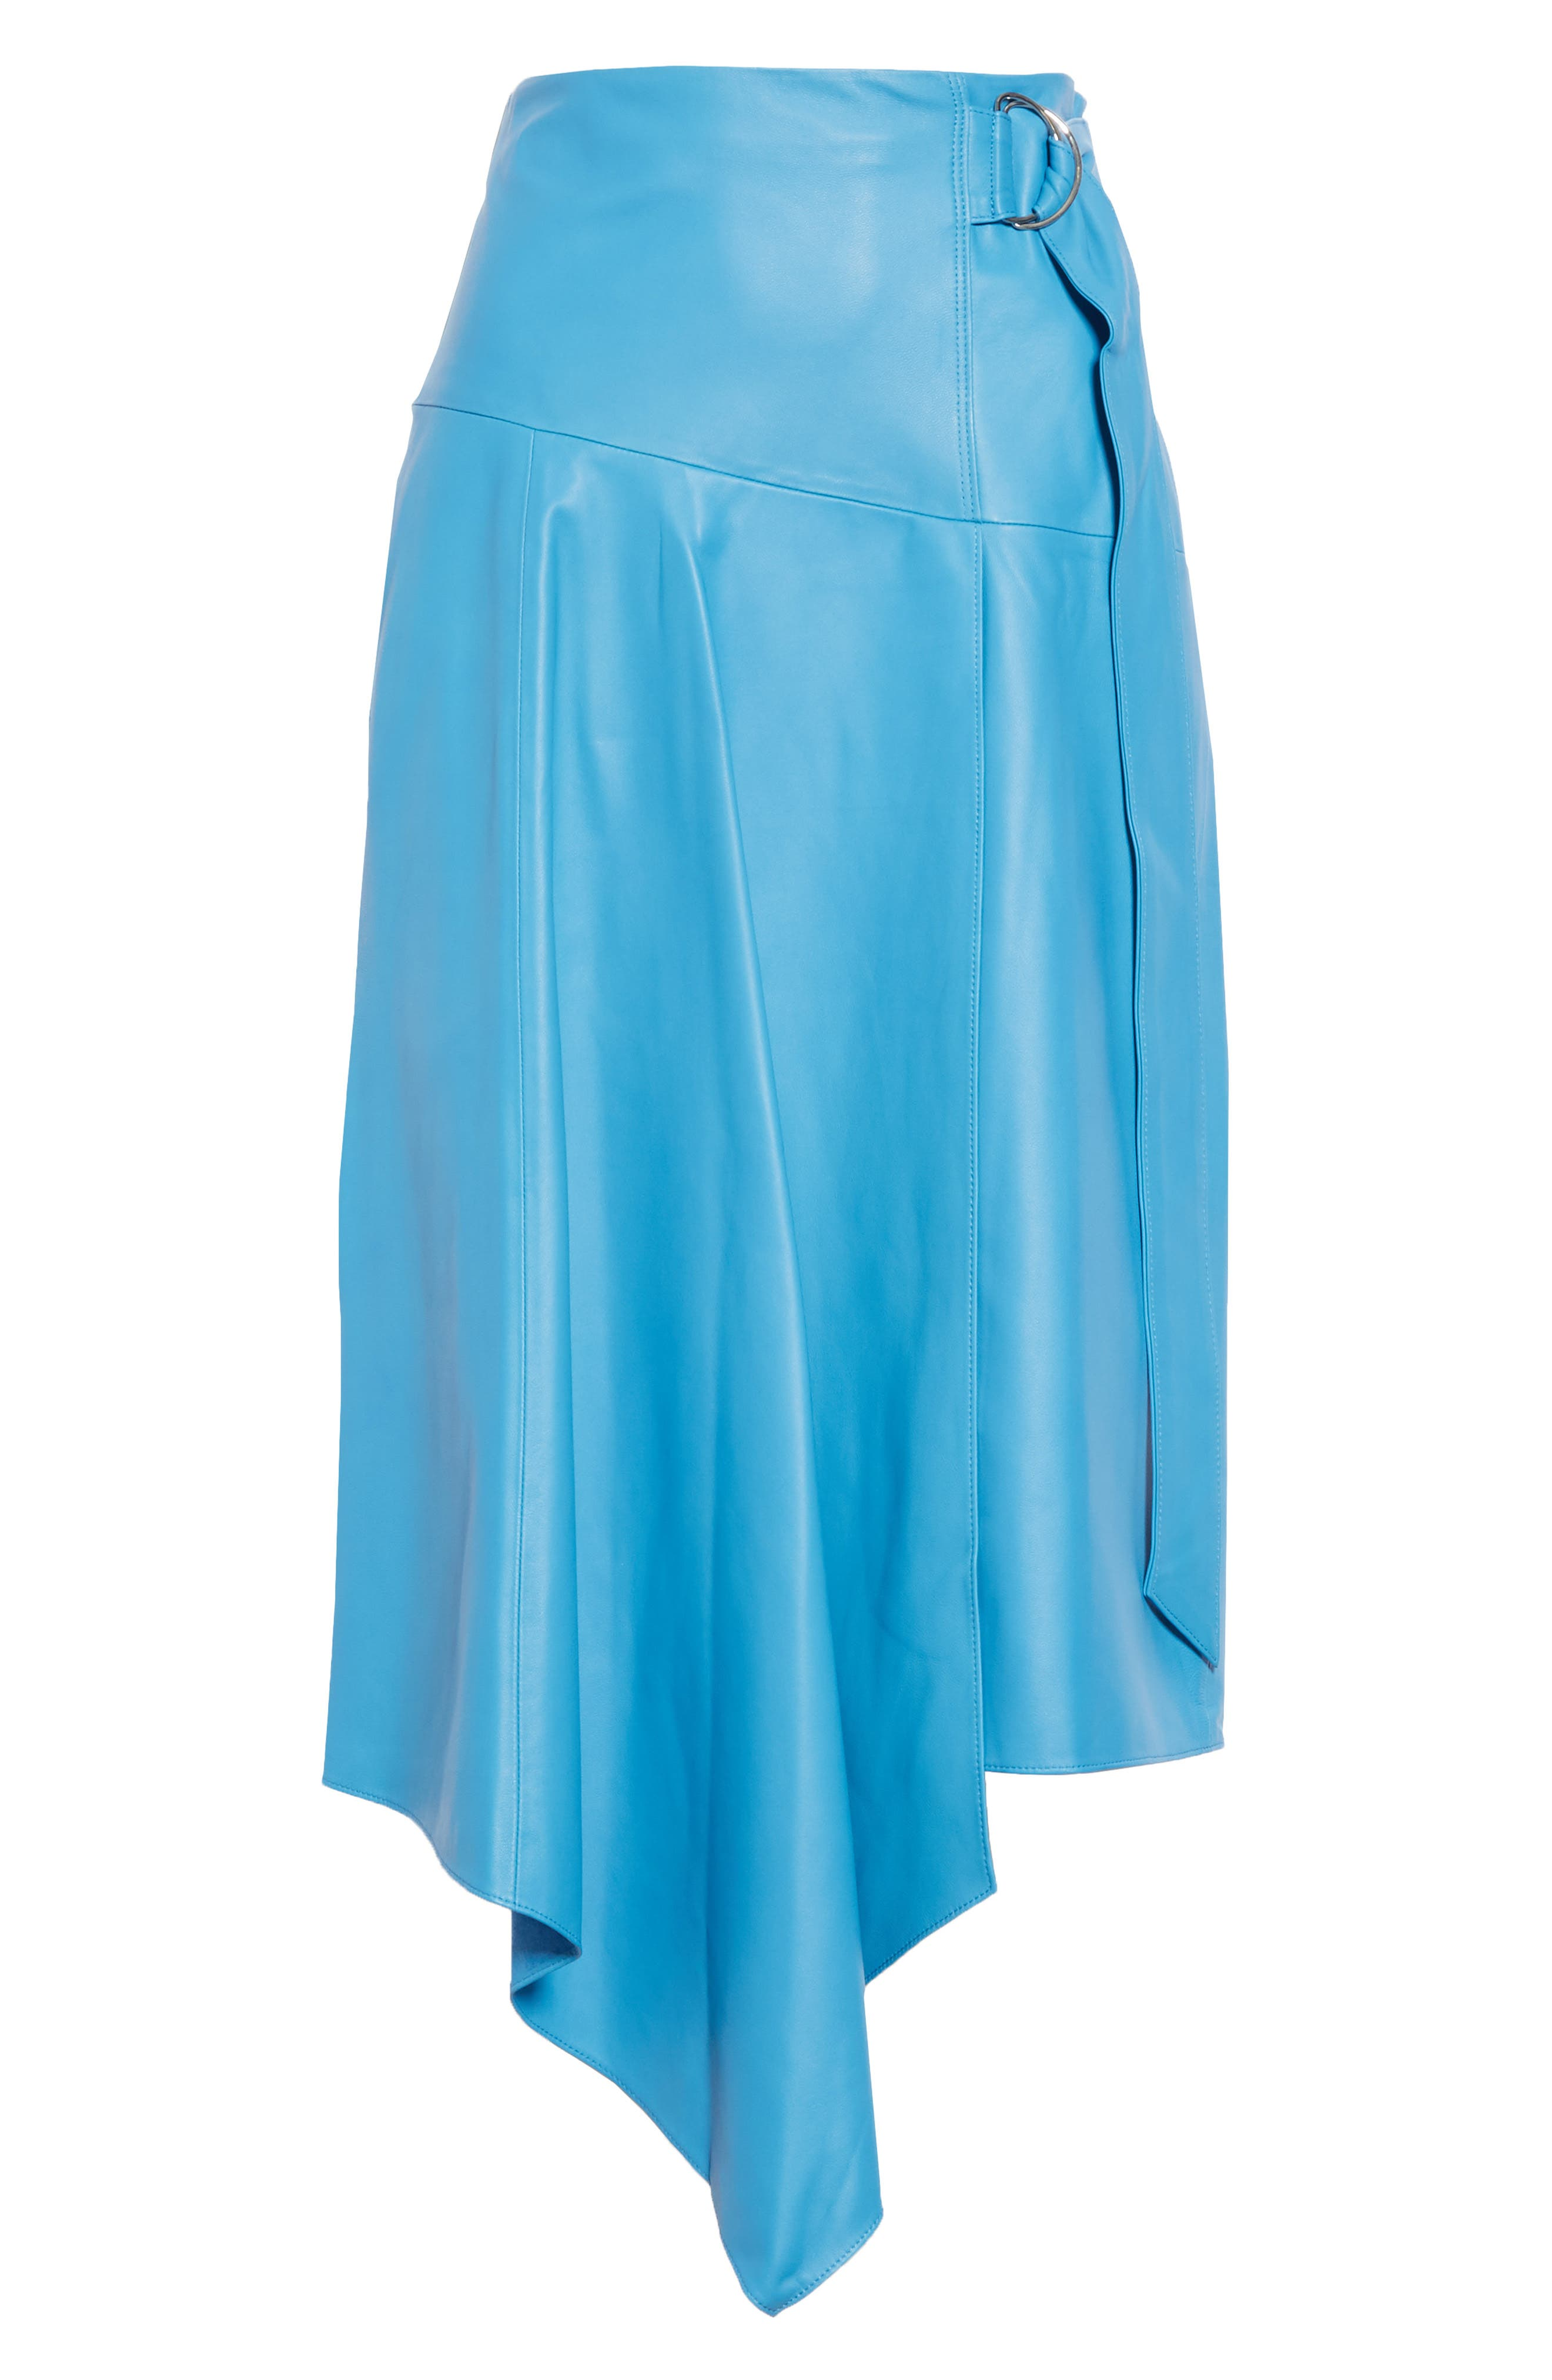 TIBI,                             Asymmetrical Drape Tissue Leather Skirt,                             Alternate thumbnail 6, color,                             OCEAN BLUE